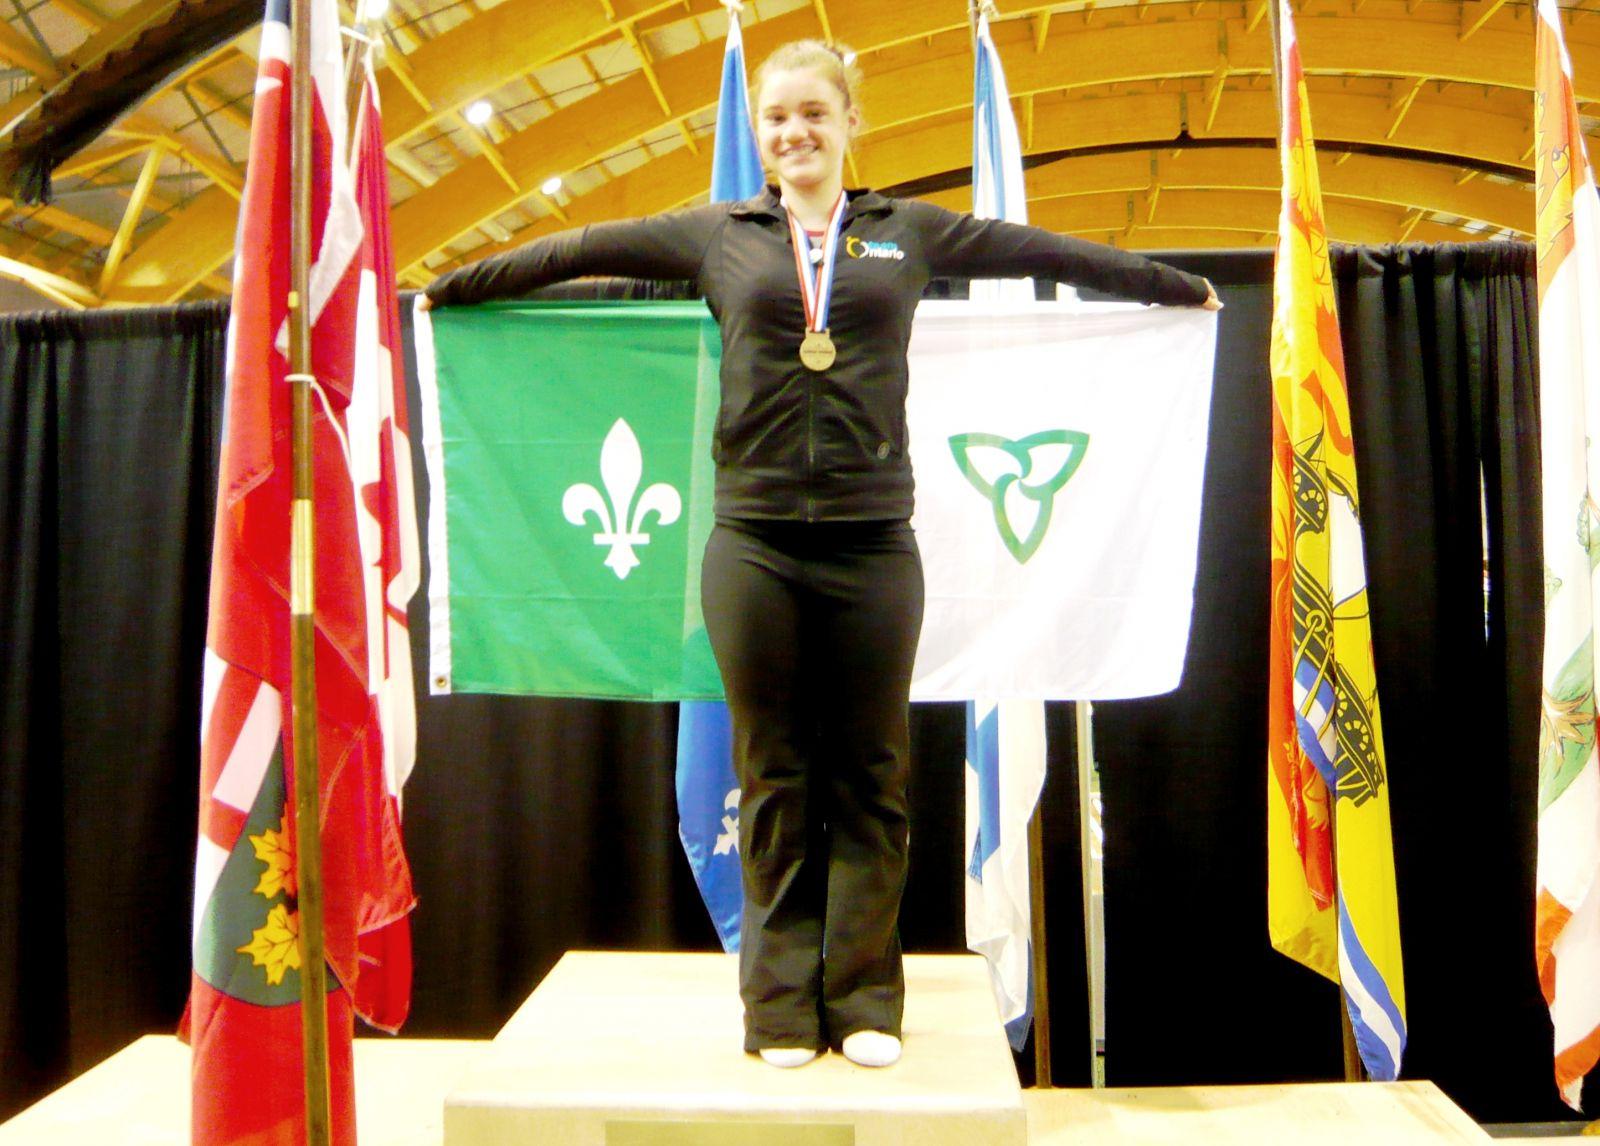 Mélodie Dubuc sur le podium avec sa médaille d'or.